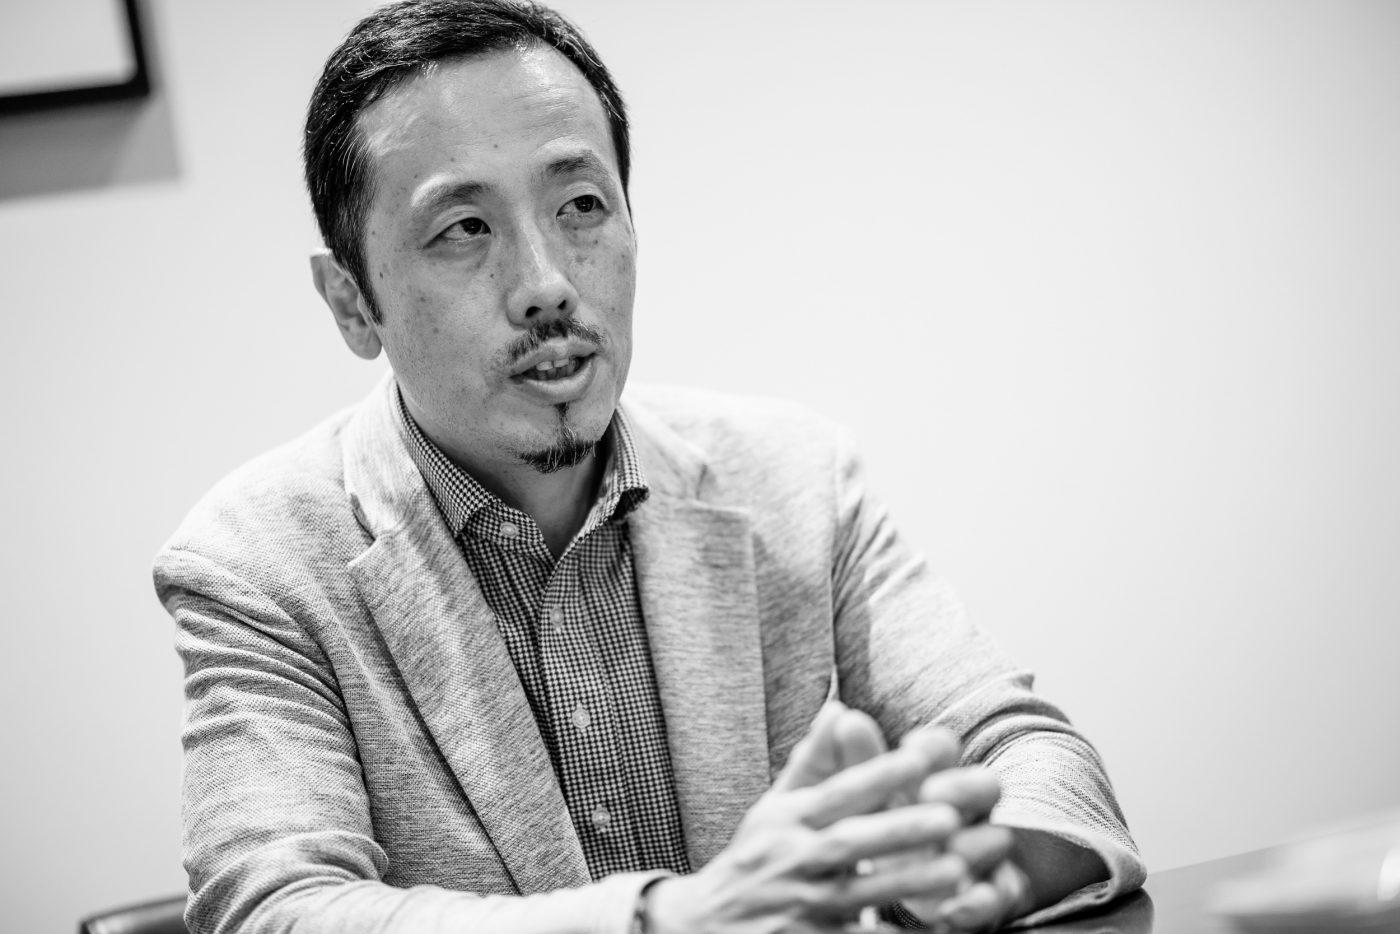 【対談】仮説構築と実証を強みに、学術と実務をつないでいく 田中道昭×奥谷孝司(第2回)